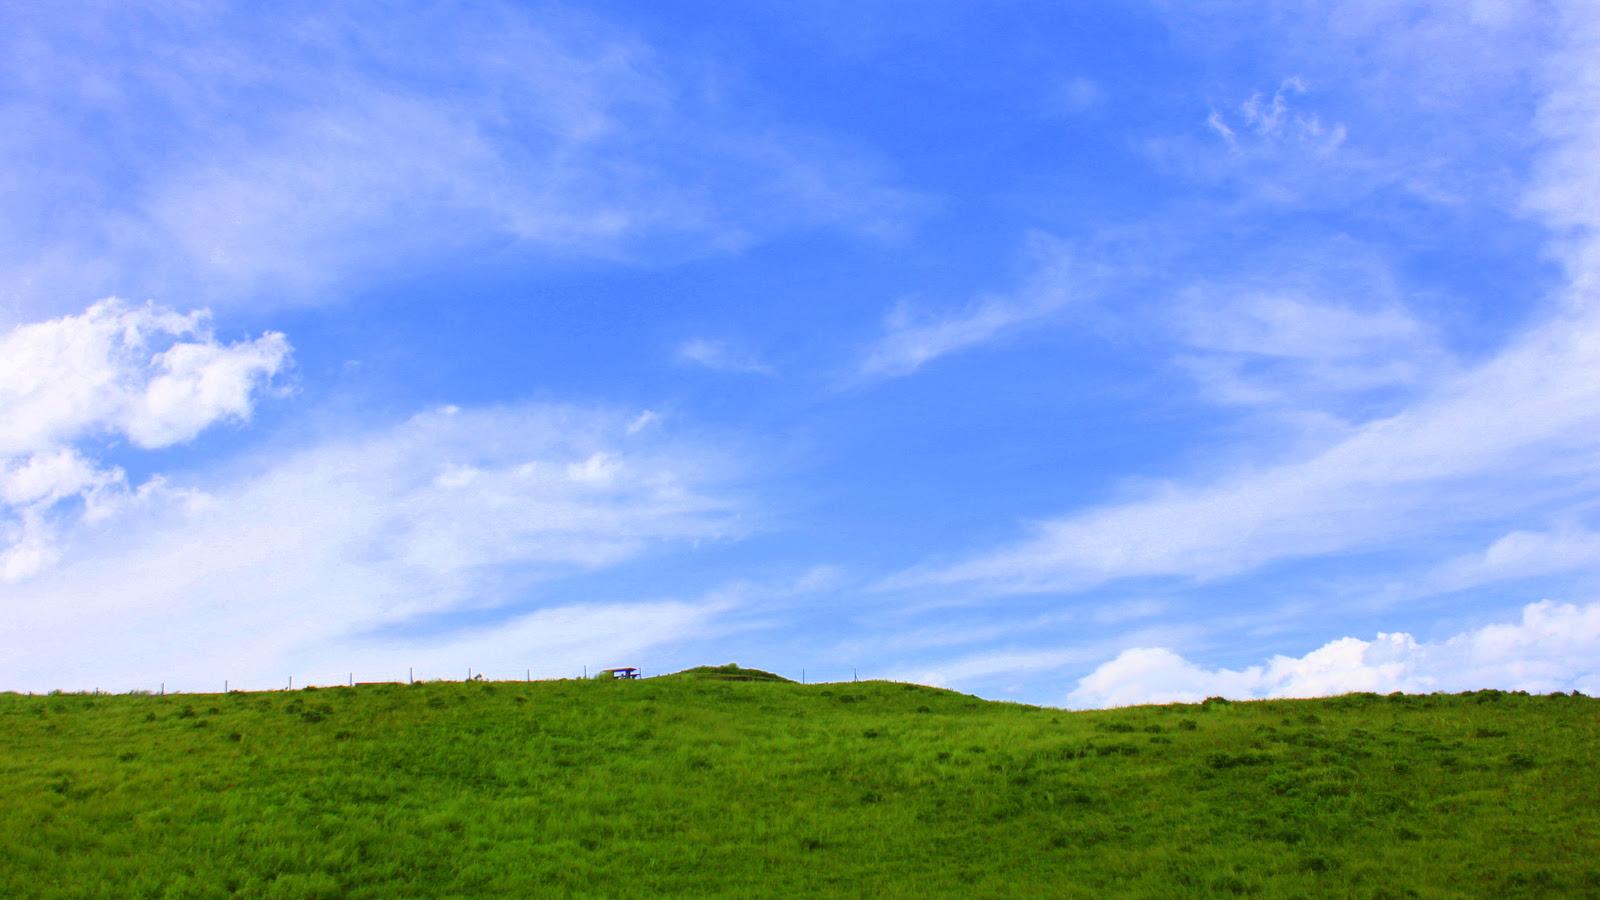 Xp 壁紙 草原